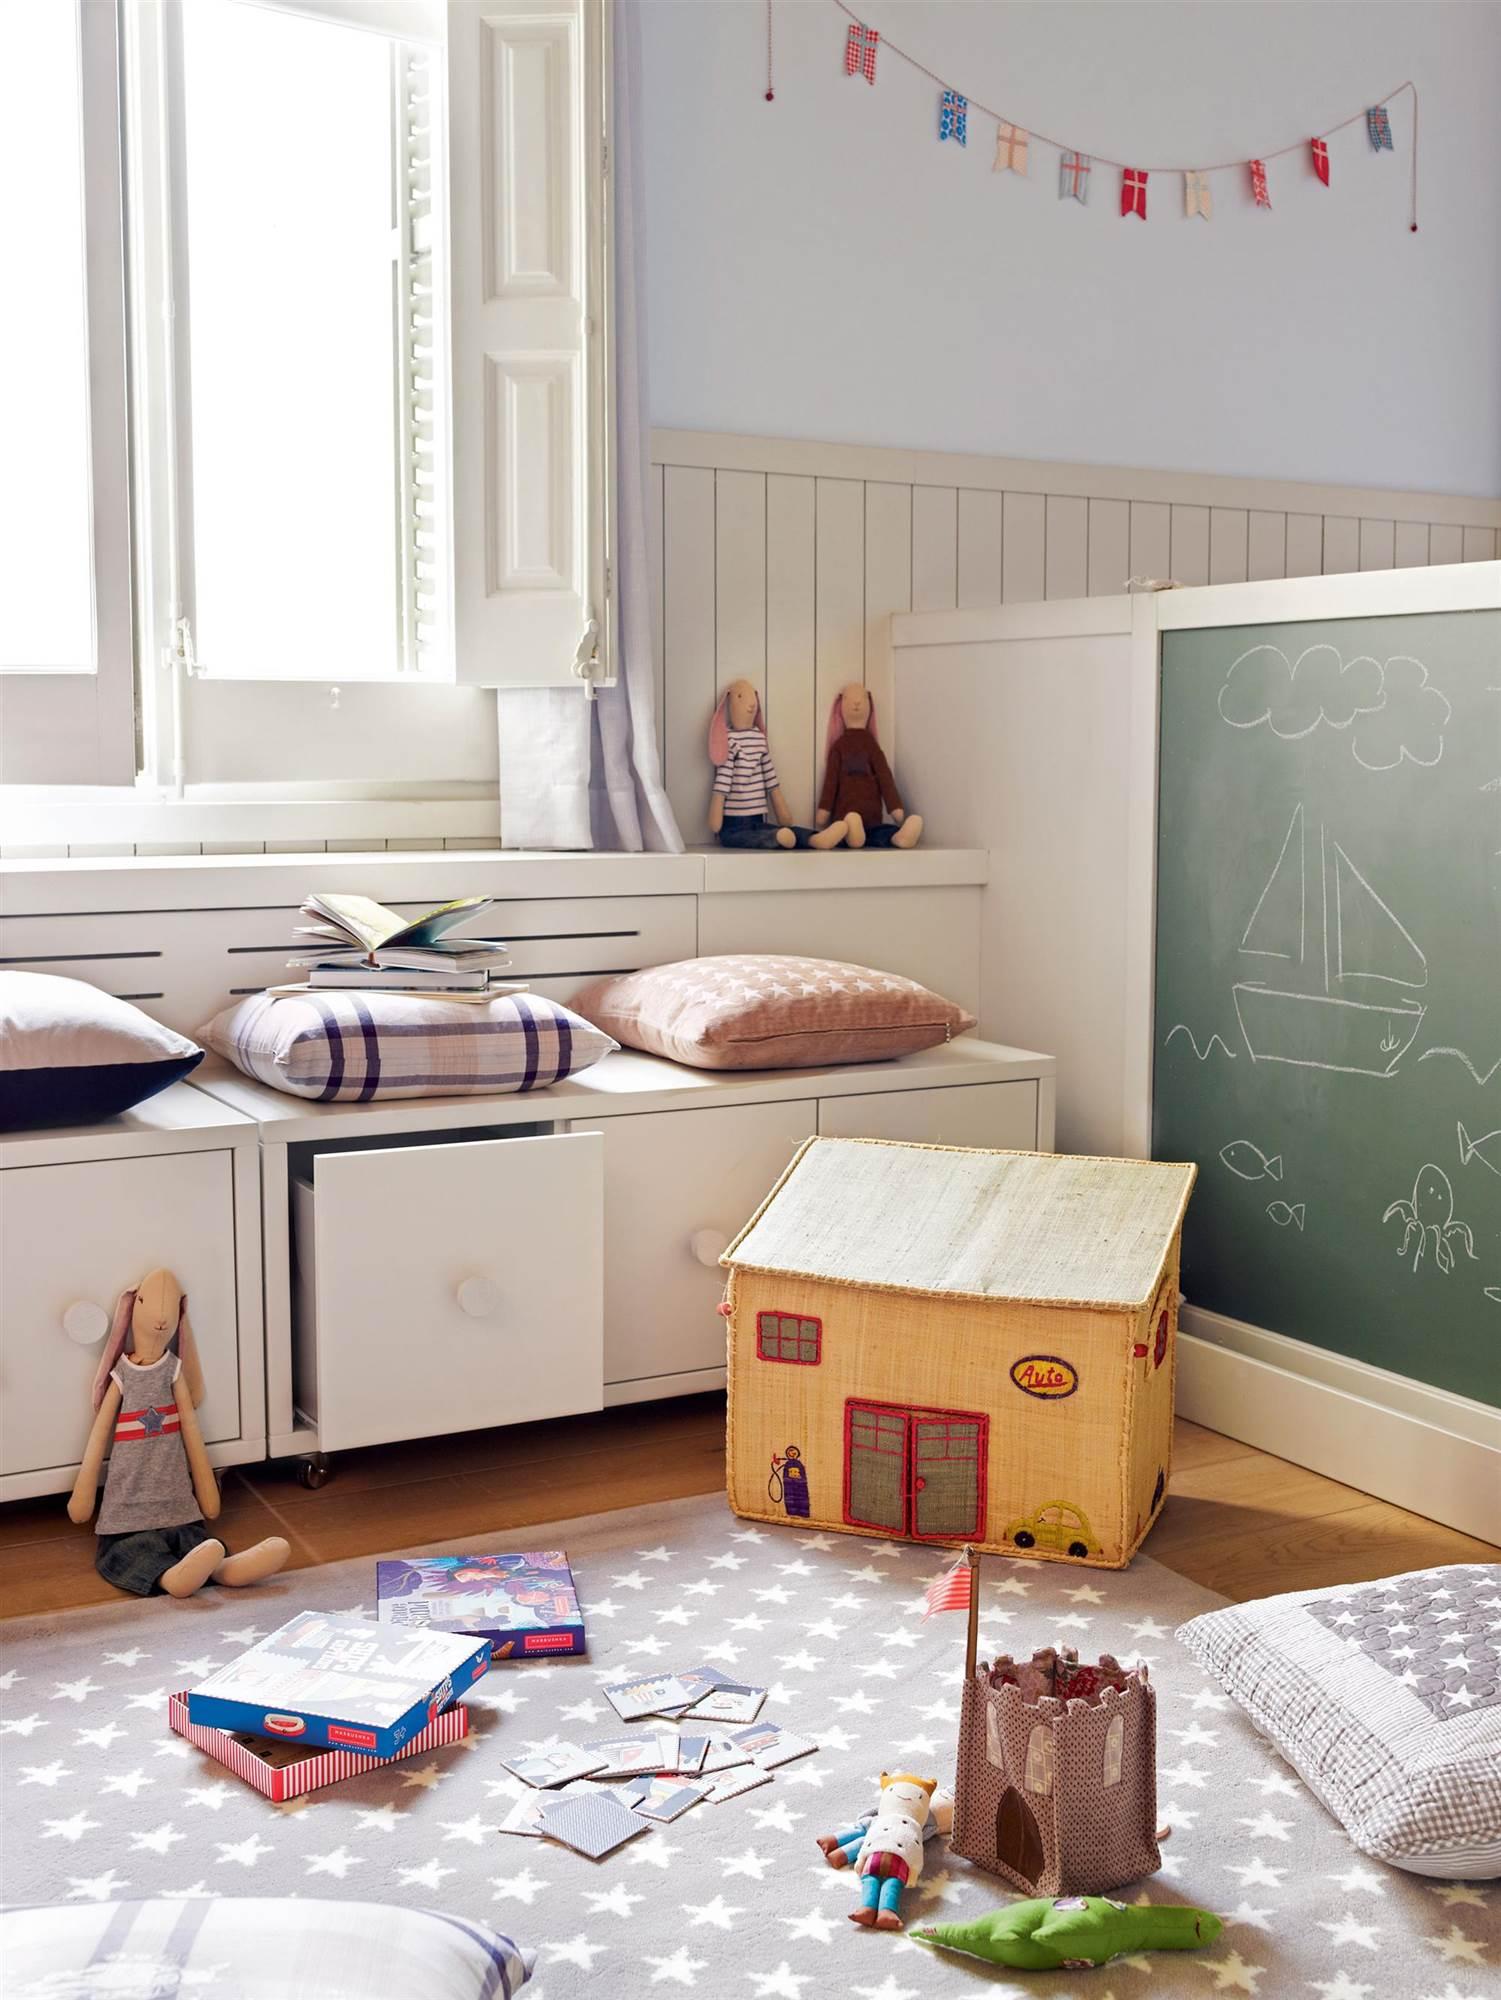 Habitaciones Infantiles Decoraci N Y Elecci N De Colores Elmueble ~ Alfombras Para Dormitorios Juveniles